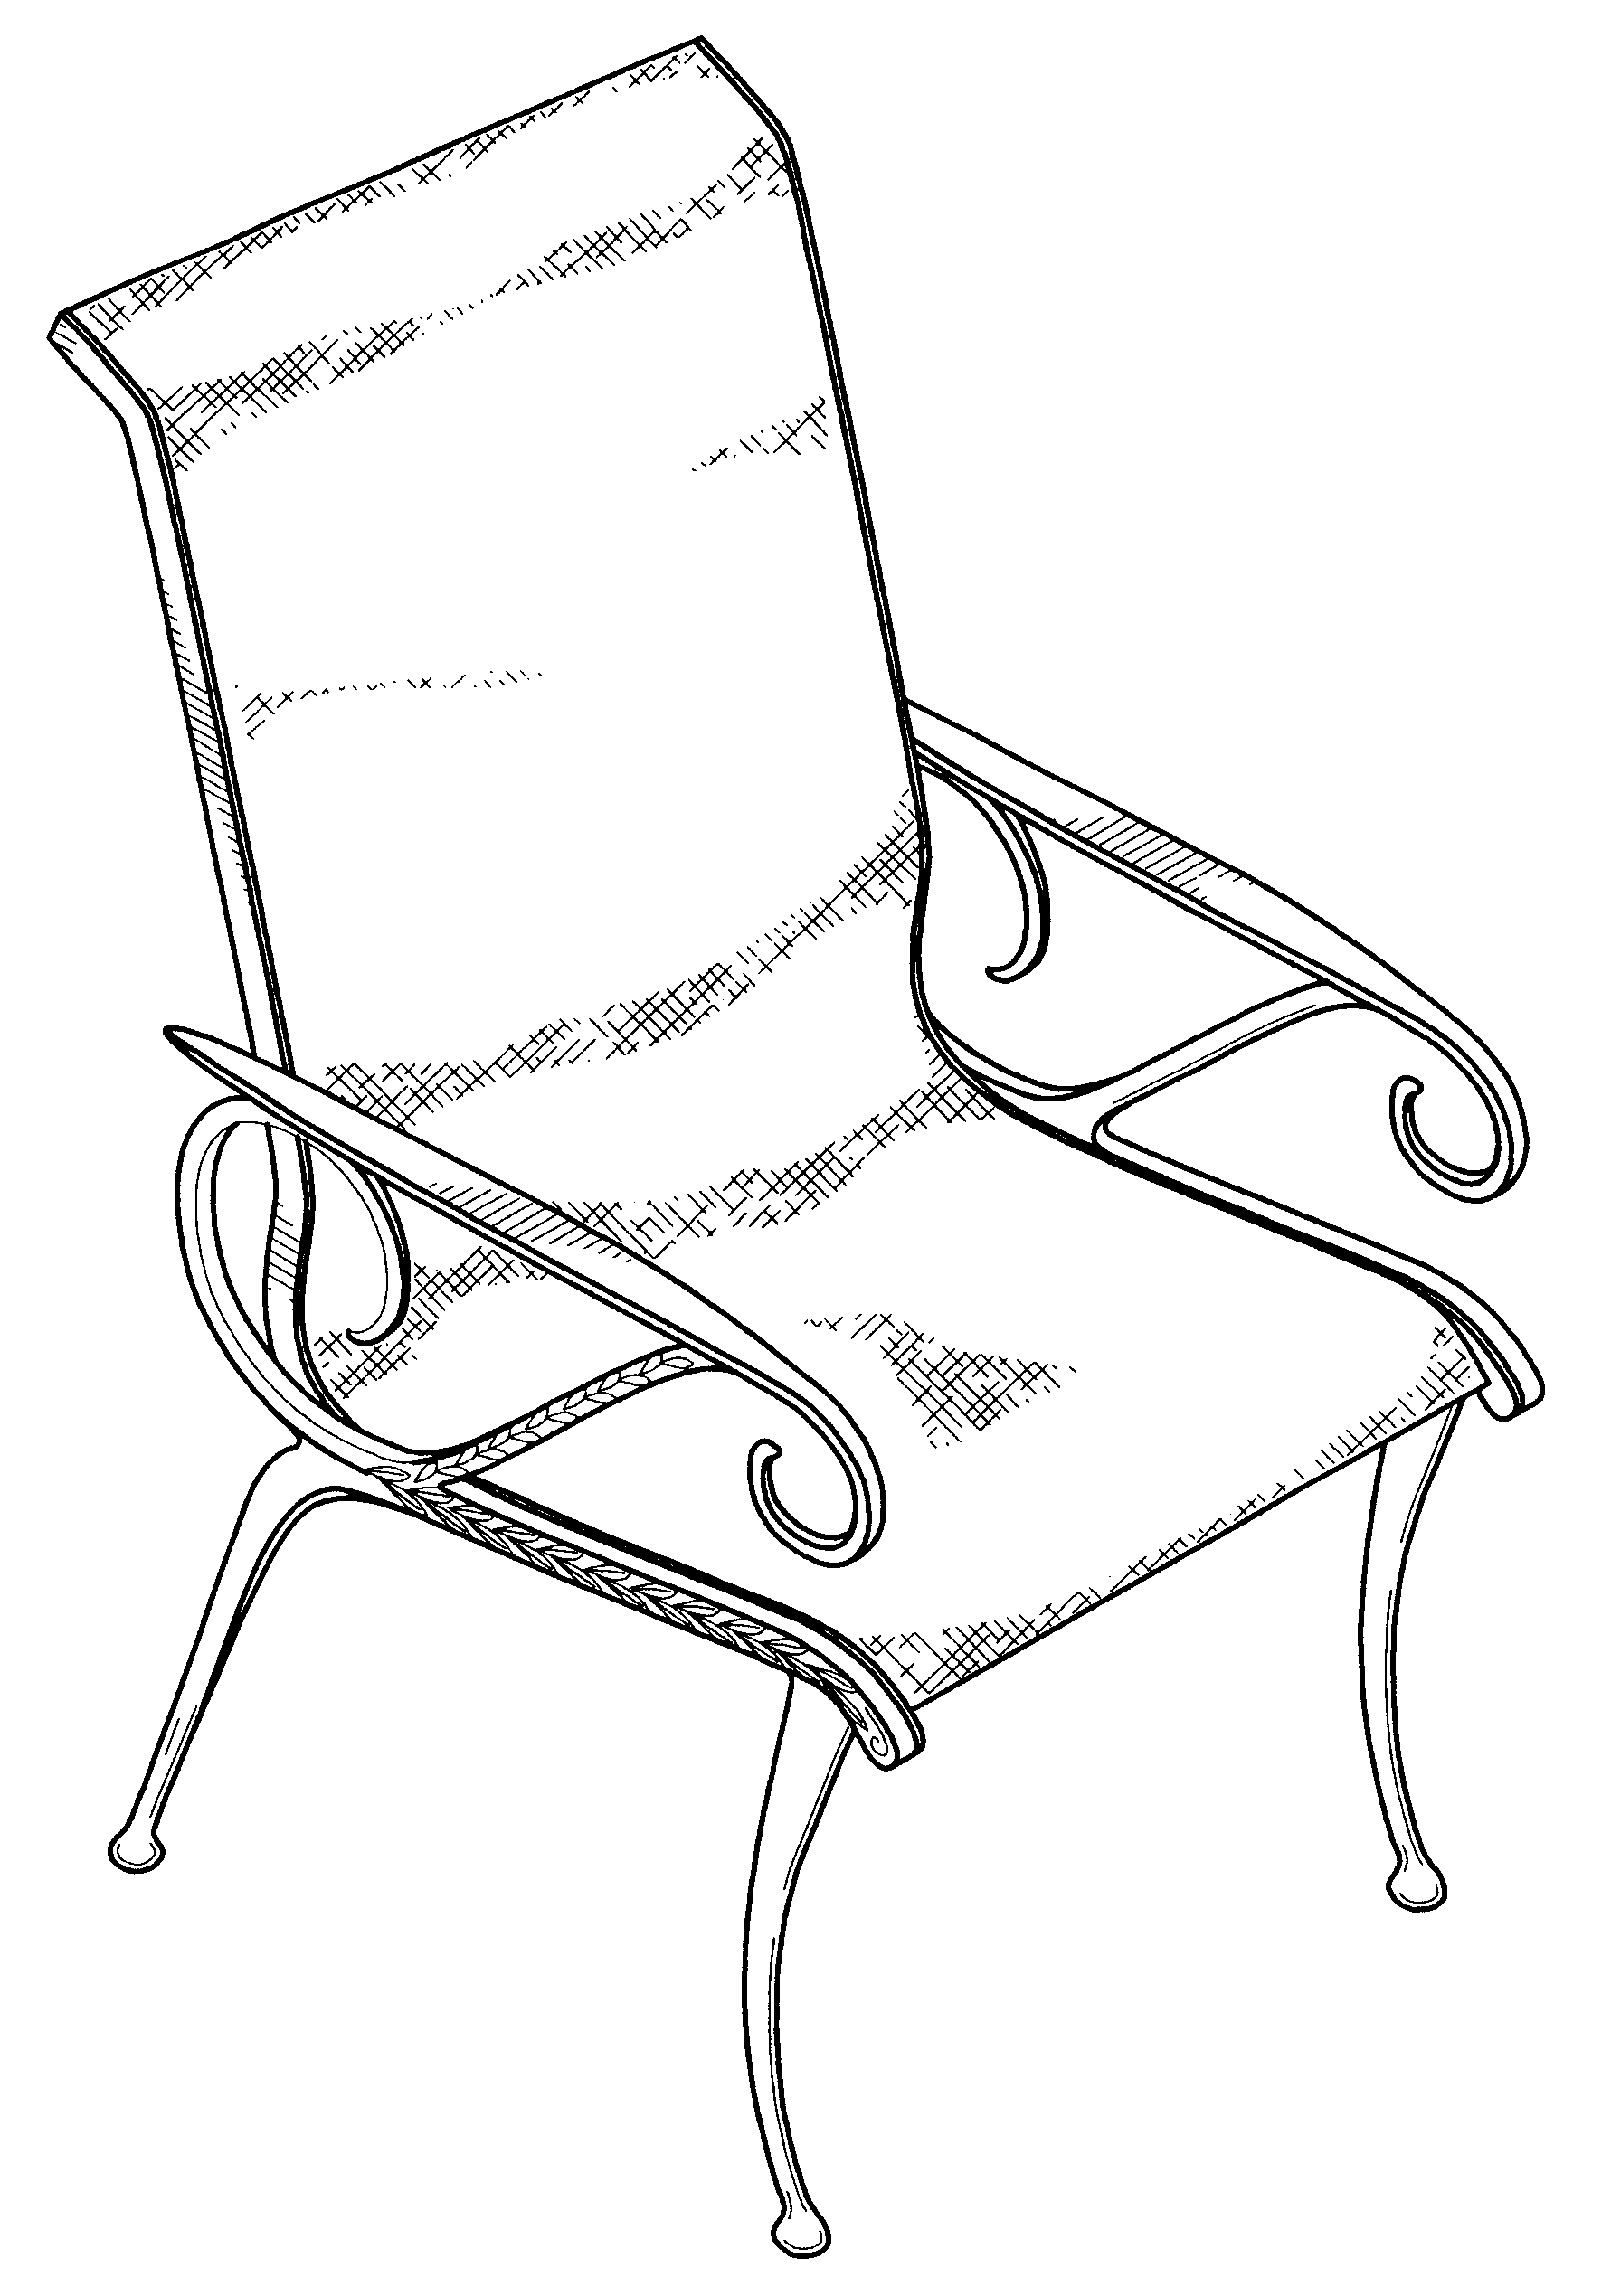 家具 简笔画 手绘 线稿 椅 椅子 1781_2539 竖版 竖屏